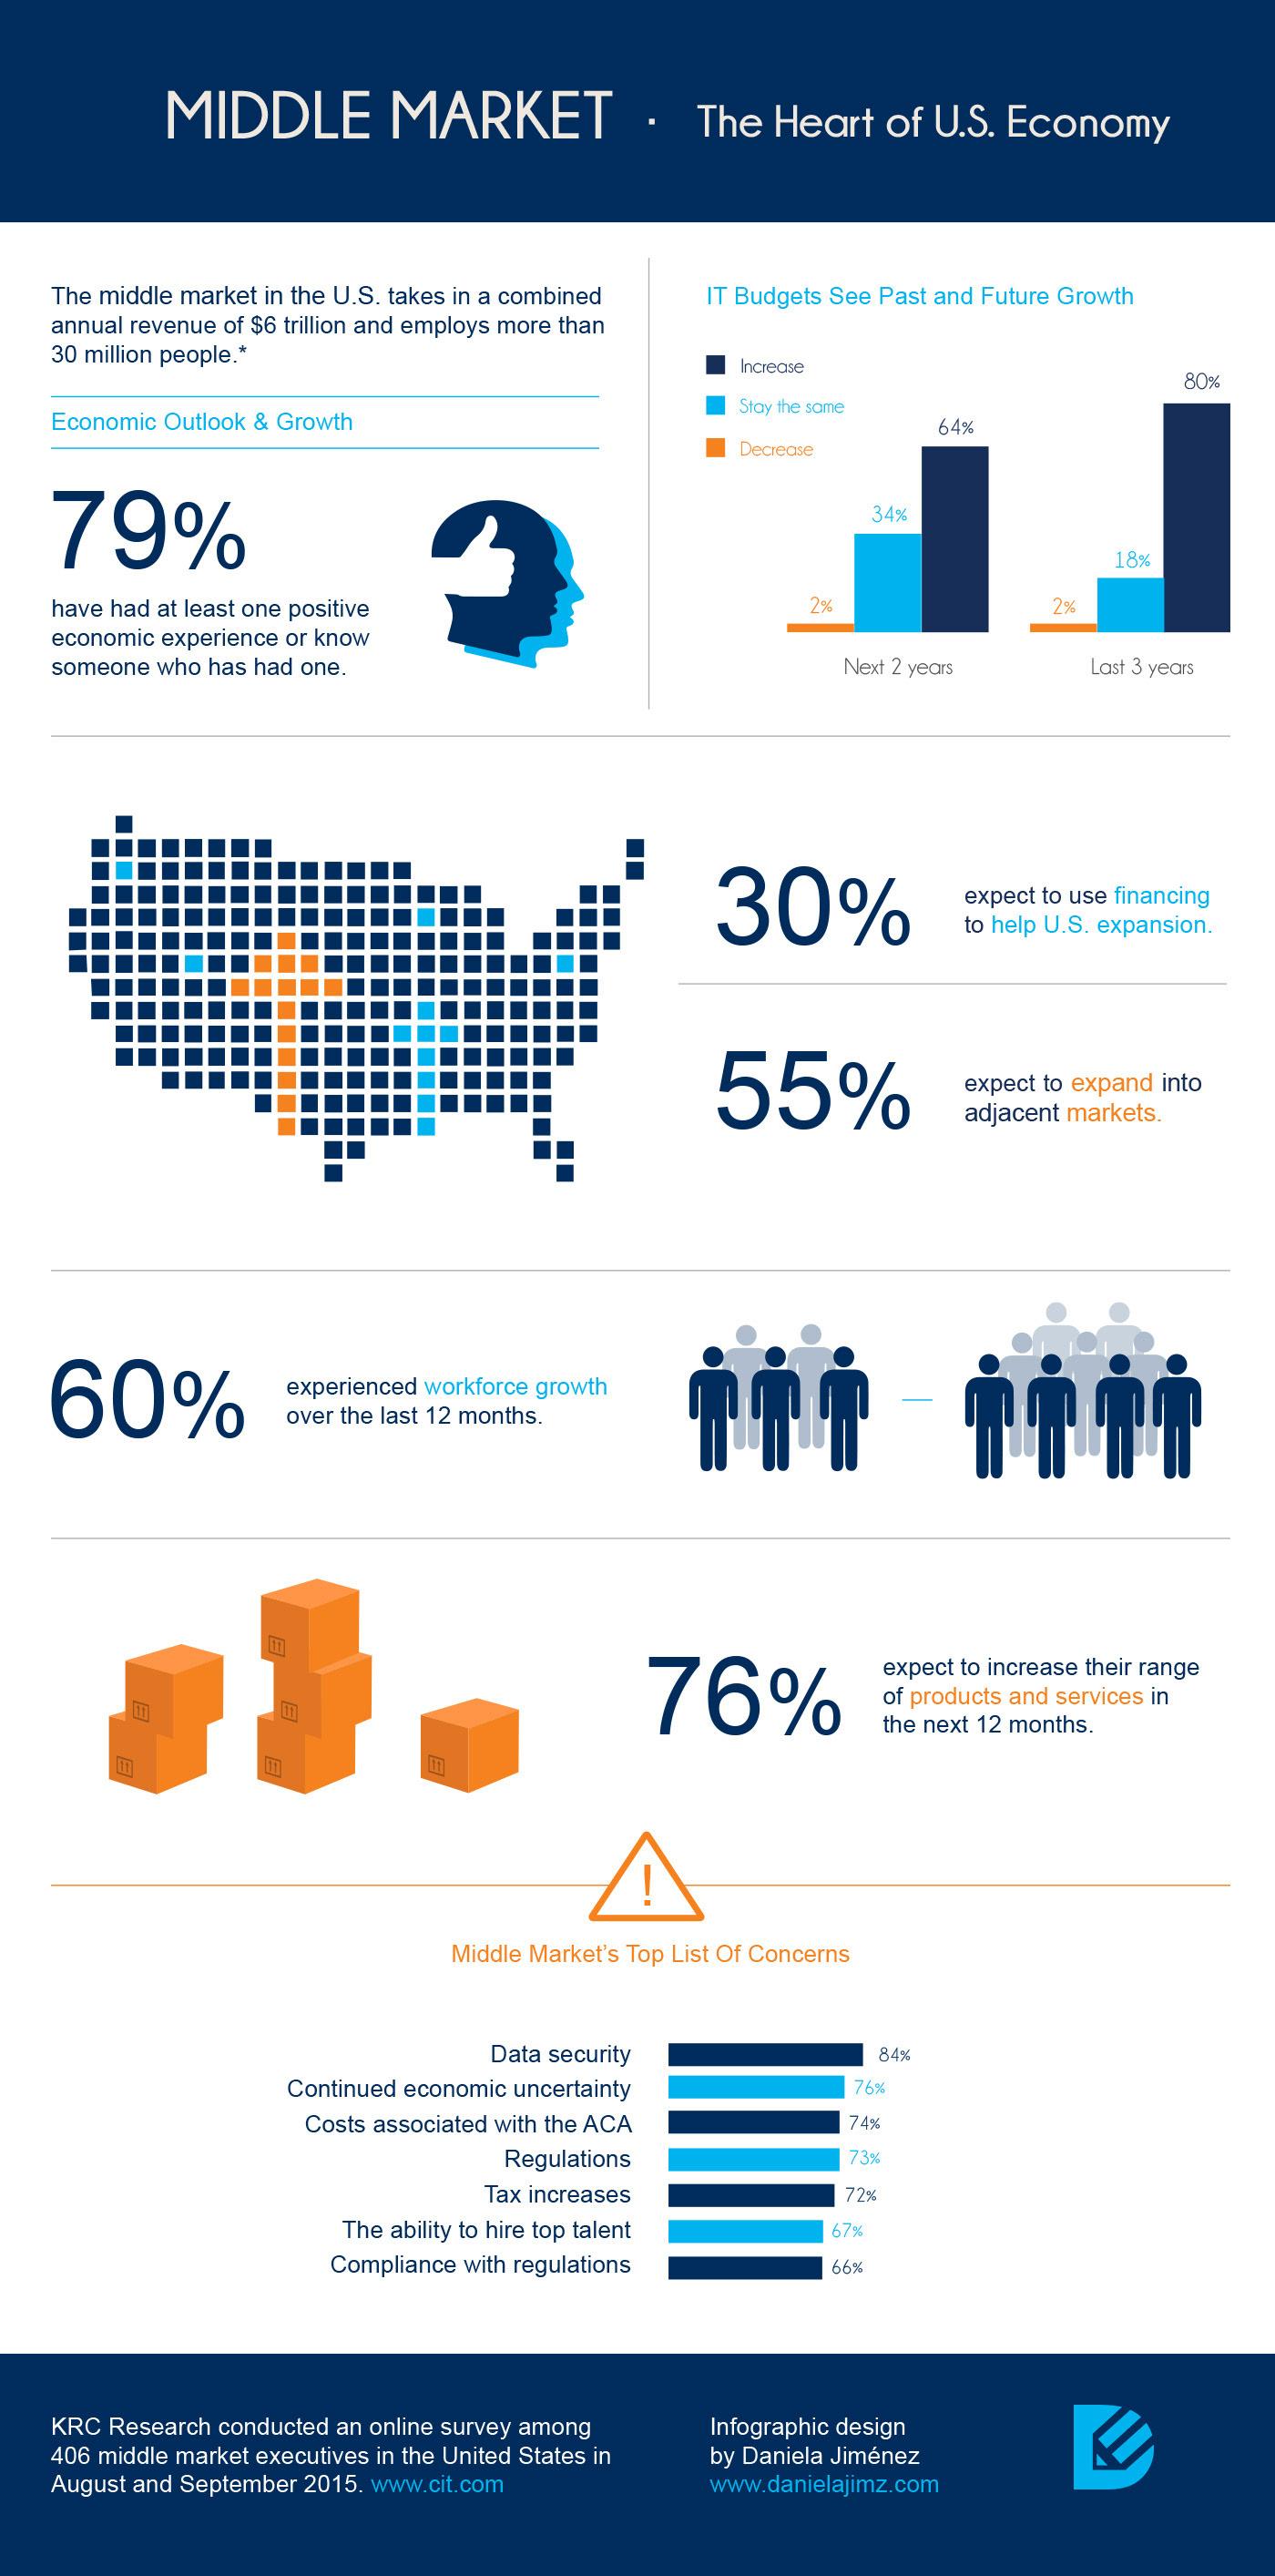 infographic middle market economics financial blue orange